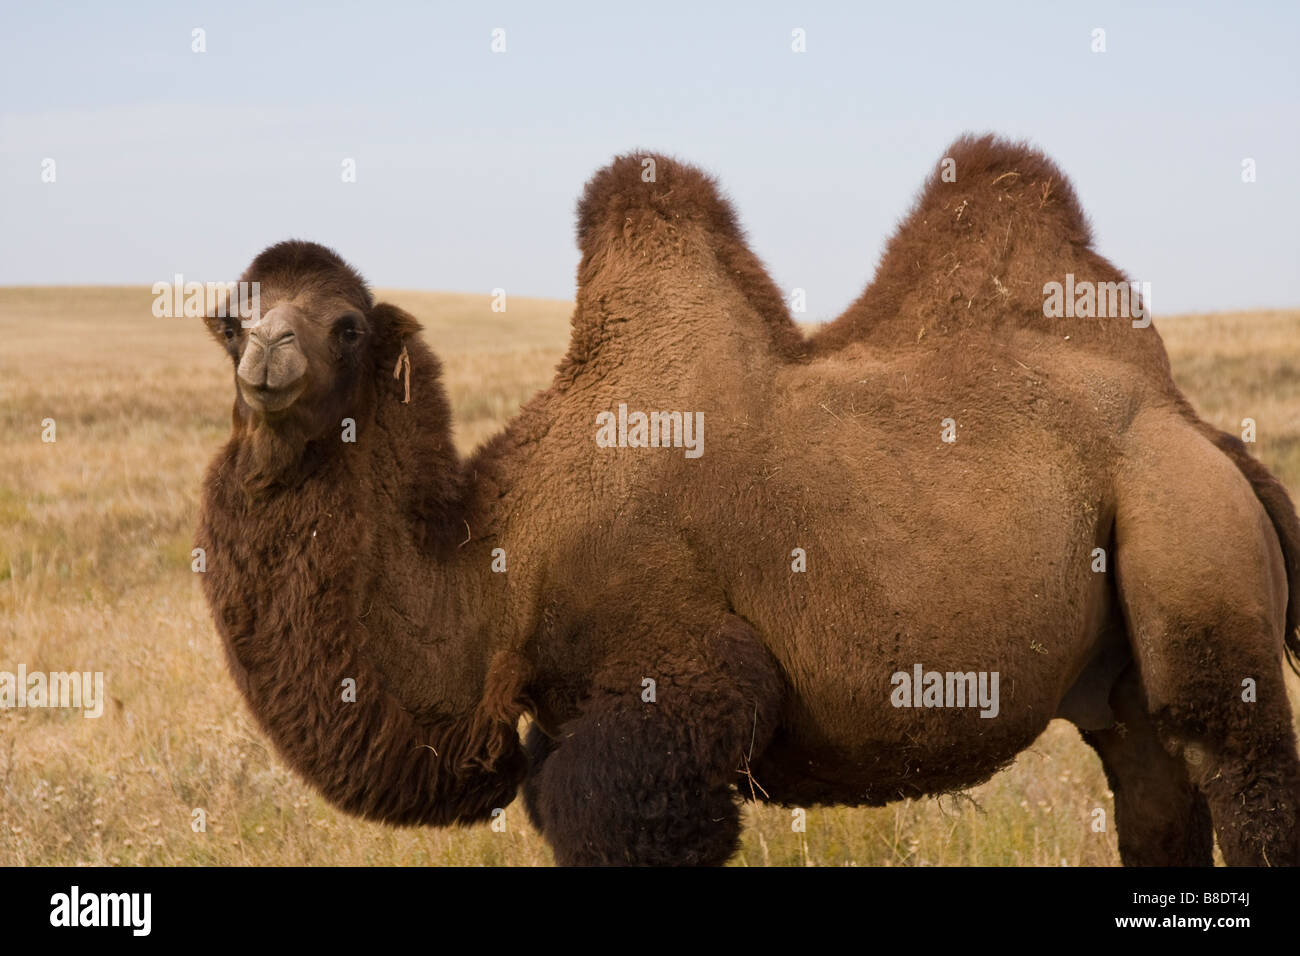 Mongolian Camel Two Humps